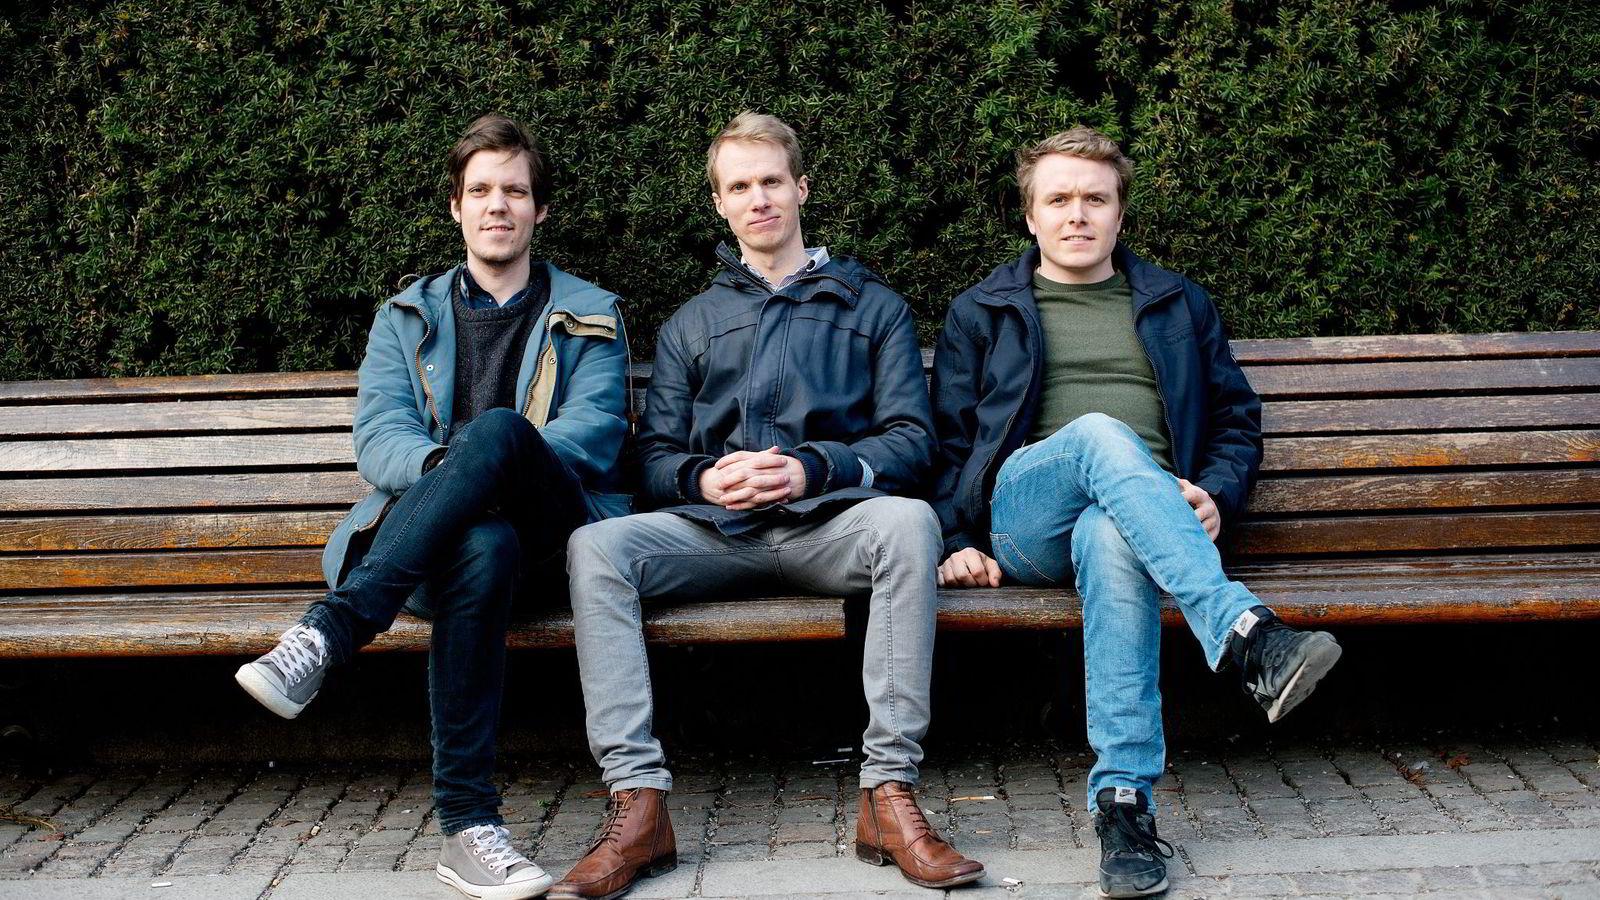 Oslo-bandet Acres Wilds nyeste låt «Line of Sight» hoppet fra rundt 1000 til 100.000 avspillinger etter at den ble listet på Spotifys «Fresh Finds»-liste. Simen Følstad Nilsen (fra venstre), Magnus Askjer Lefsaker, Even Zielser Andenæs.